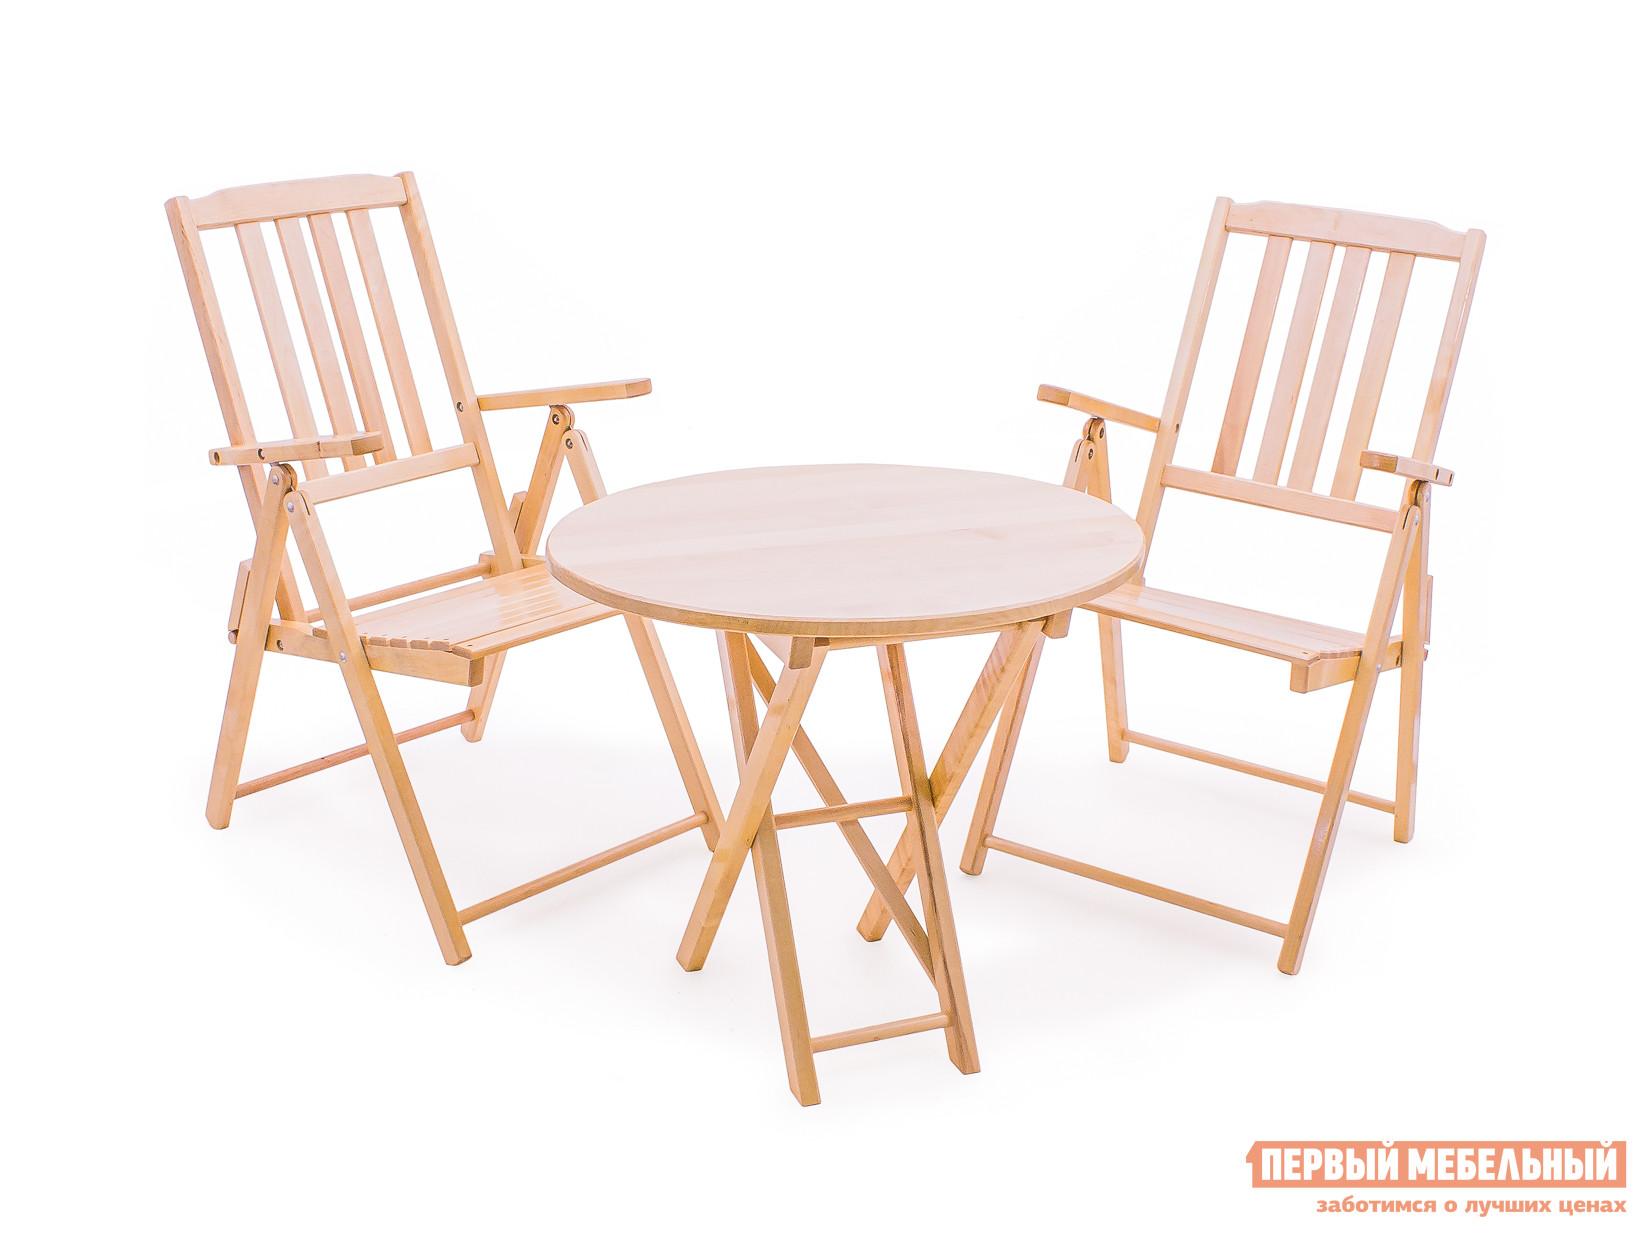 Комплект садовой мебели СМКА Комфорт СМ047Б, 2 шт+СМ049Б Береза, 750 ммКомплекты садовой мебели<br>Габаритные размеры ВхШхГ xx мм. В комплект складной мебели для сада Комил Мирослав входят два стула и стол.  Изделия произведены из массива натуральной березы.  Благодаря тому, что поверхность дерева покрыта специальным влагостойким лаком, комплект можно использовать под открытым небом.  А также быть уверенным, что данная мебель не будет подвержена развитию опасных грибковых бактерий и плесени.  Для создания повышенной комфортабельности, стулья оборудованы удобными подлокотниками.  Размер столешницы — 720 х 520 мм. Высота стола — 750 мм. Размер стула в сложенном состоянии(ВхШхГ) — 910 х 530 х 210 мм.<br><br>Цвет: Светлое дерево<br>Кол-во упаковок: 3<br>Форма поставки: В собранном виде<br>Срок гарантии: 1 год<br>Тип: Складные<br>Тип: С обеденным столом<br>Тип: Со стульями<br>Материал: Массив дерева<br>Порода дерева: Береза<br>Вместимость: На 2 персоны<br>С подлокотниками: Да